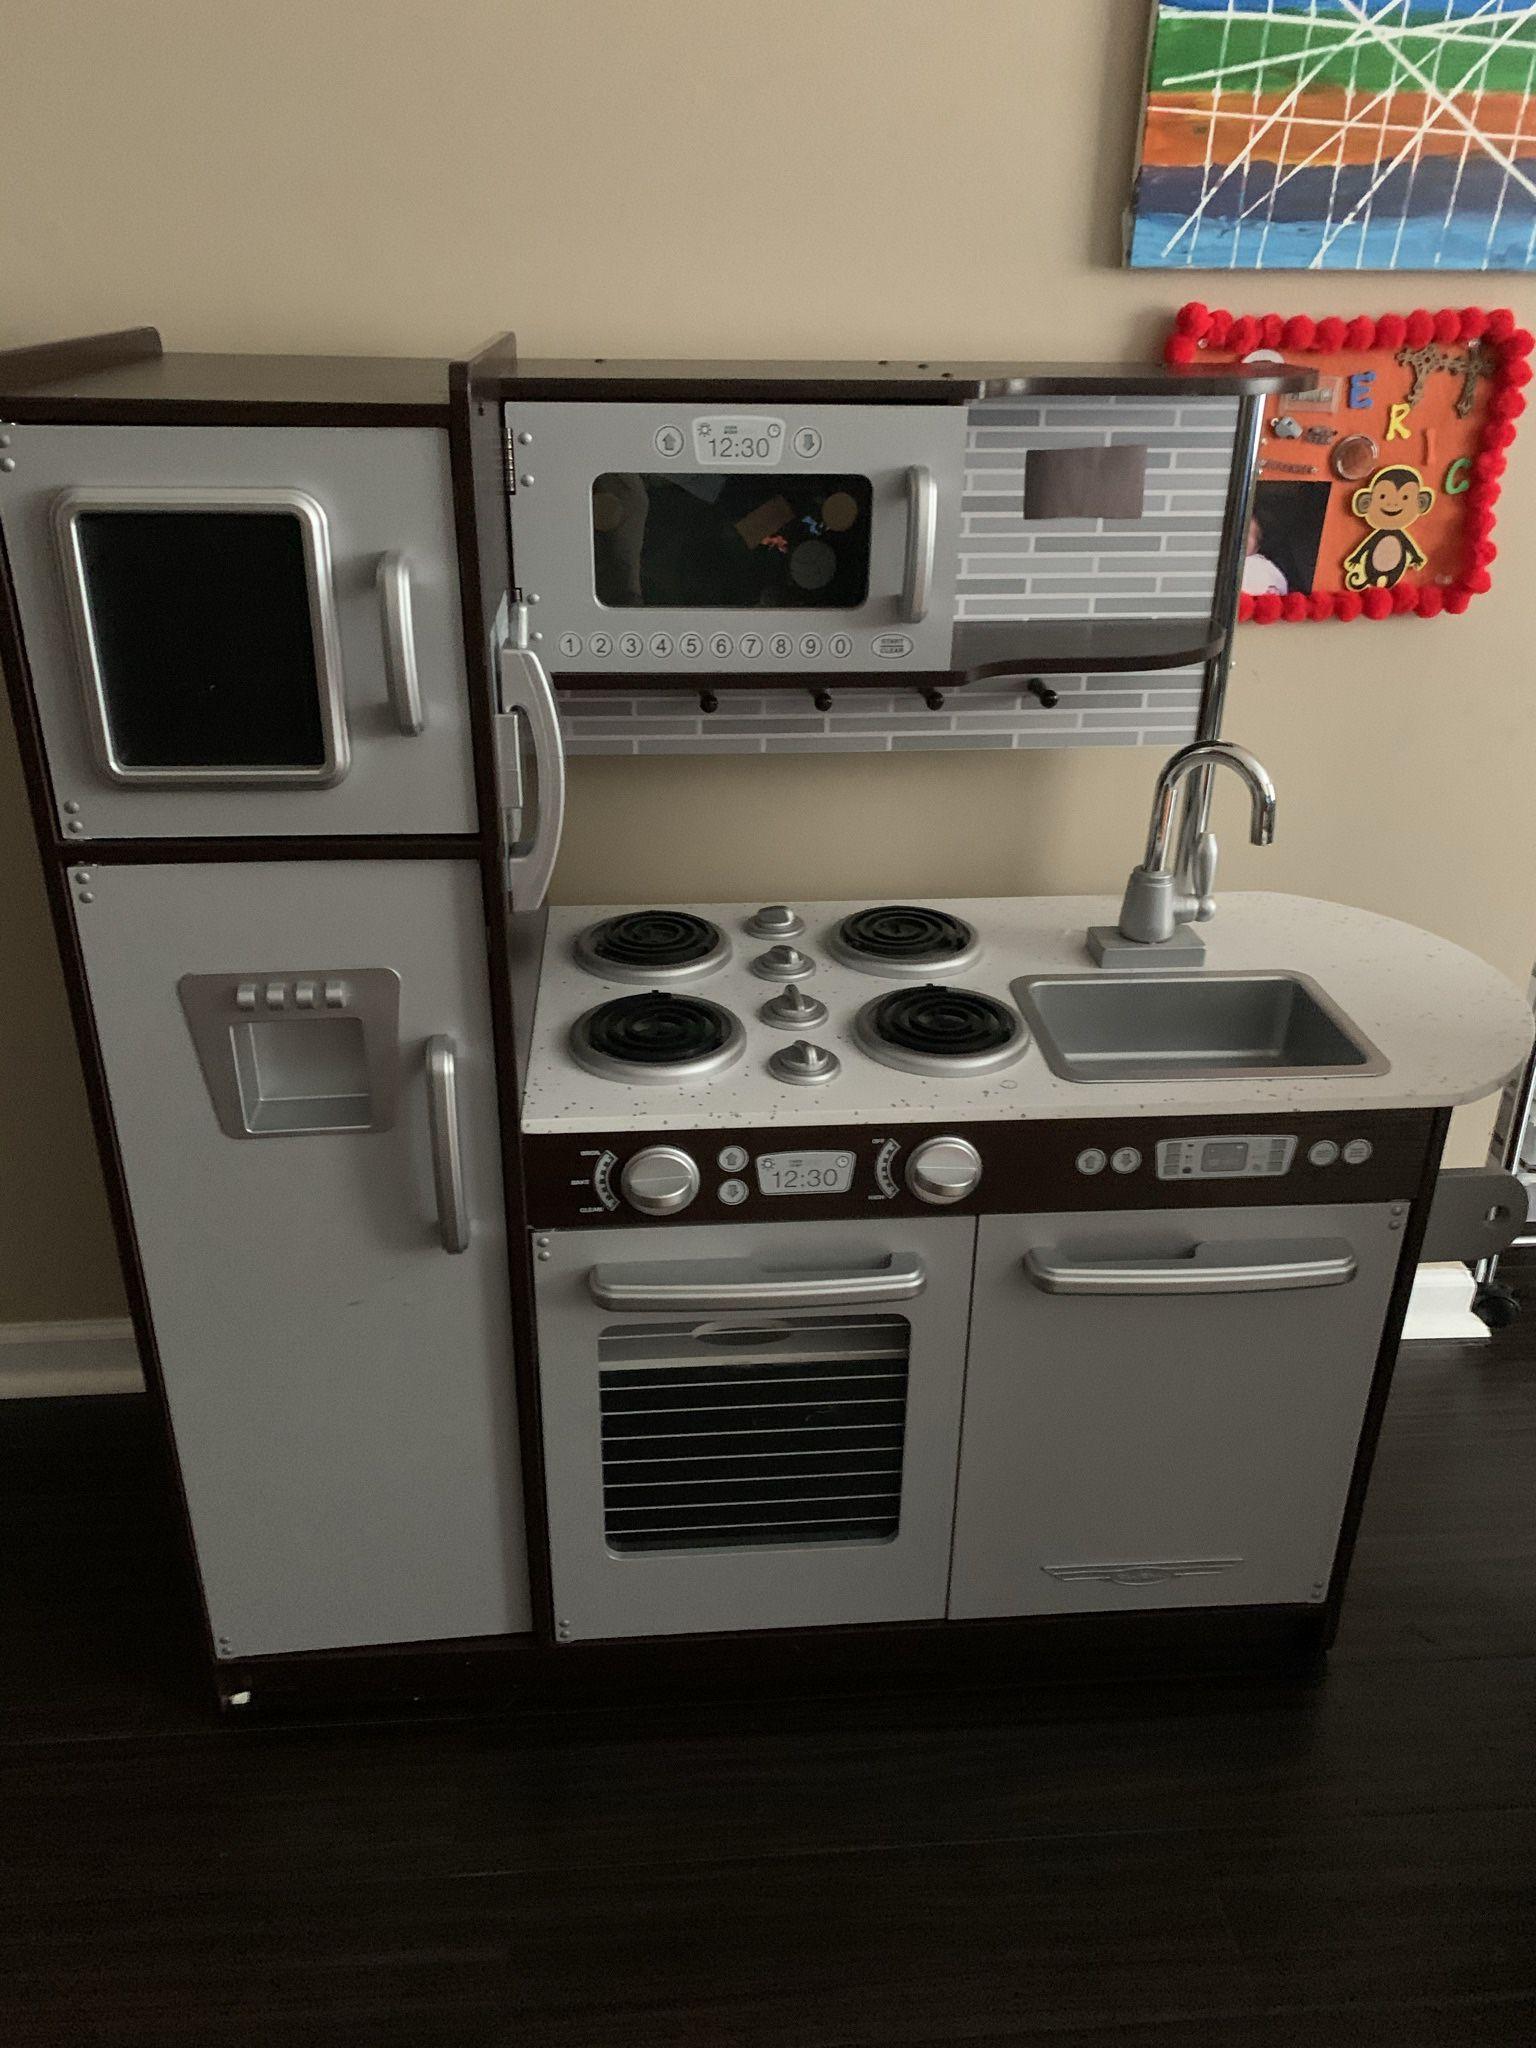 Children's Play Kitchen & Washer/Dryer